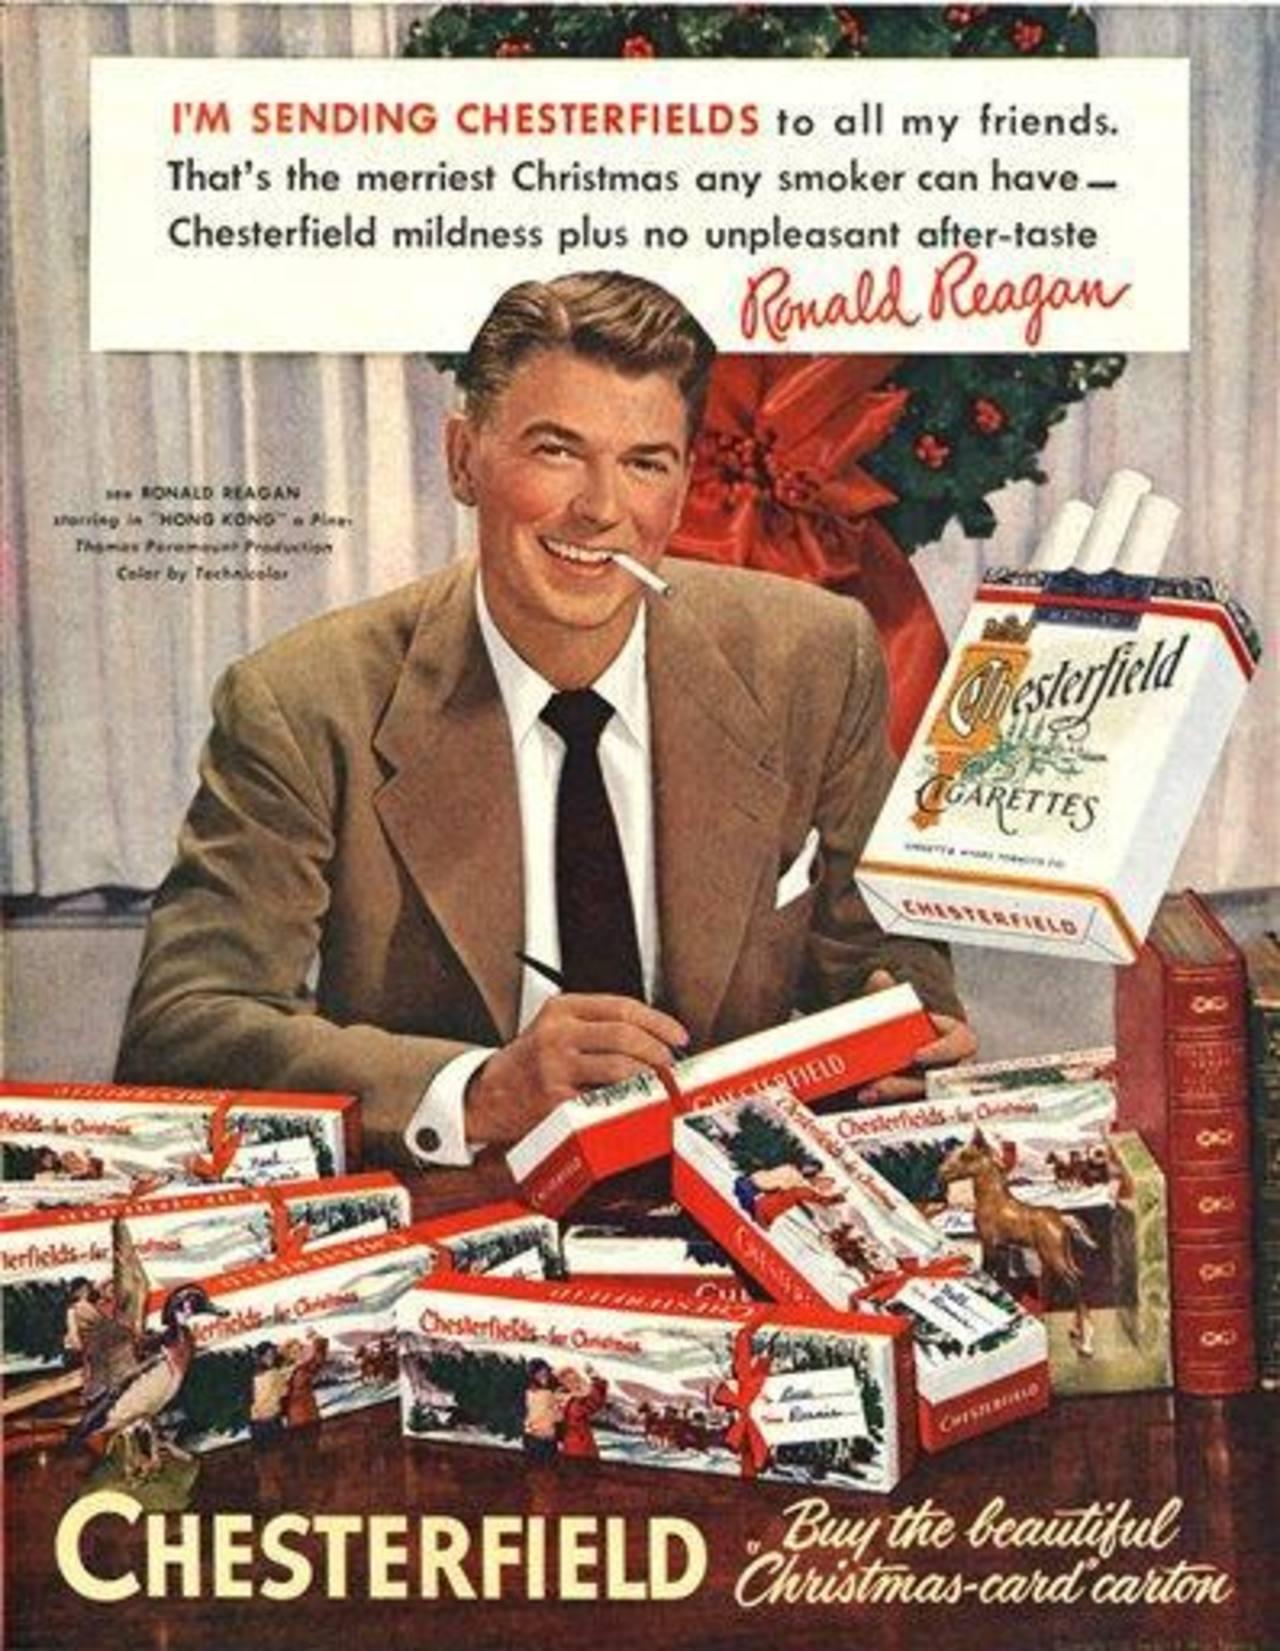 Anuncio de 1949 de la marca de cigarros Chesterfield donde aparece el entonces actor y futuro presidente estadounidense Ronald Reagan. El 11 de enero de 2014 se cumple medio siglo de que saliera a la luz en Estados Unidos un conocido estudio que puso